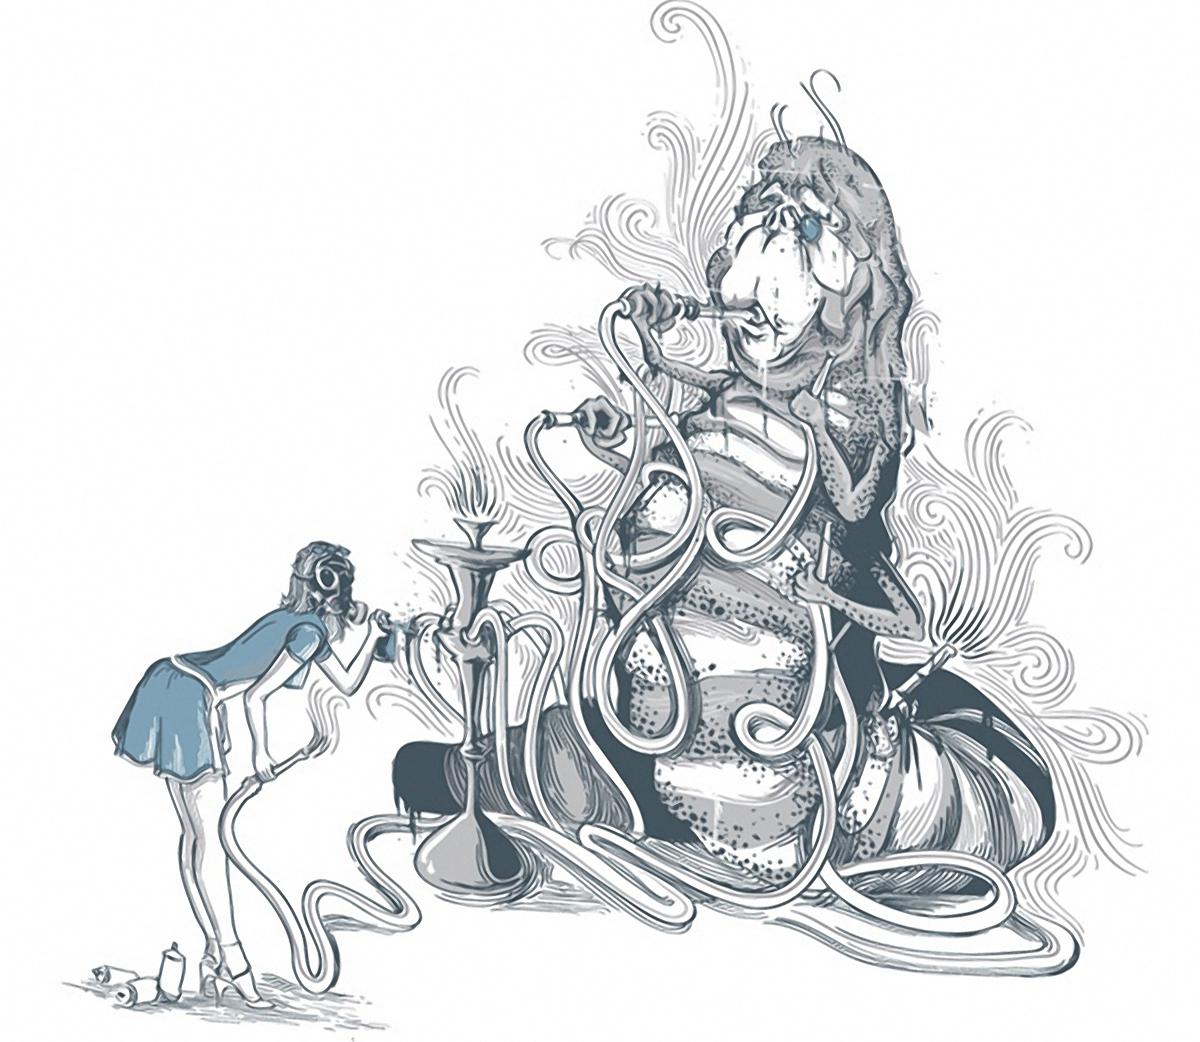 fond d u0026 39  u00e9cran   illustration  monochrome  ouvrages d u0026 39 art  art de ligne  dessin anim u00e9  mod u00e8le  art